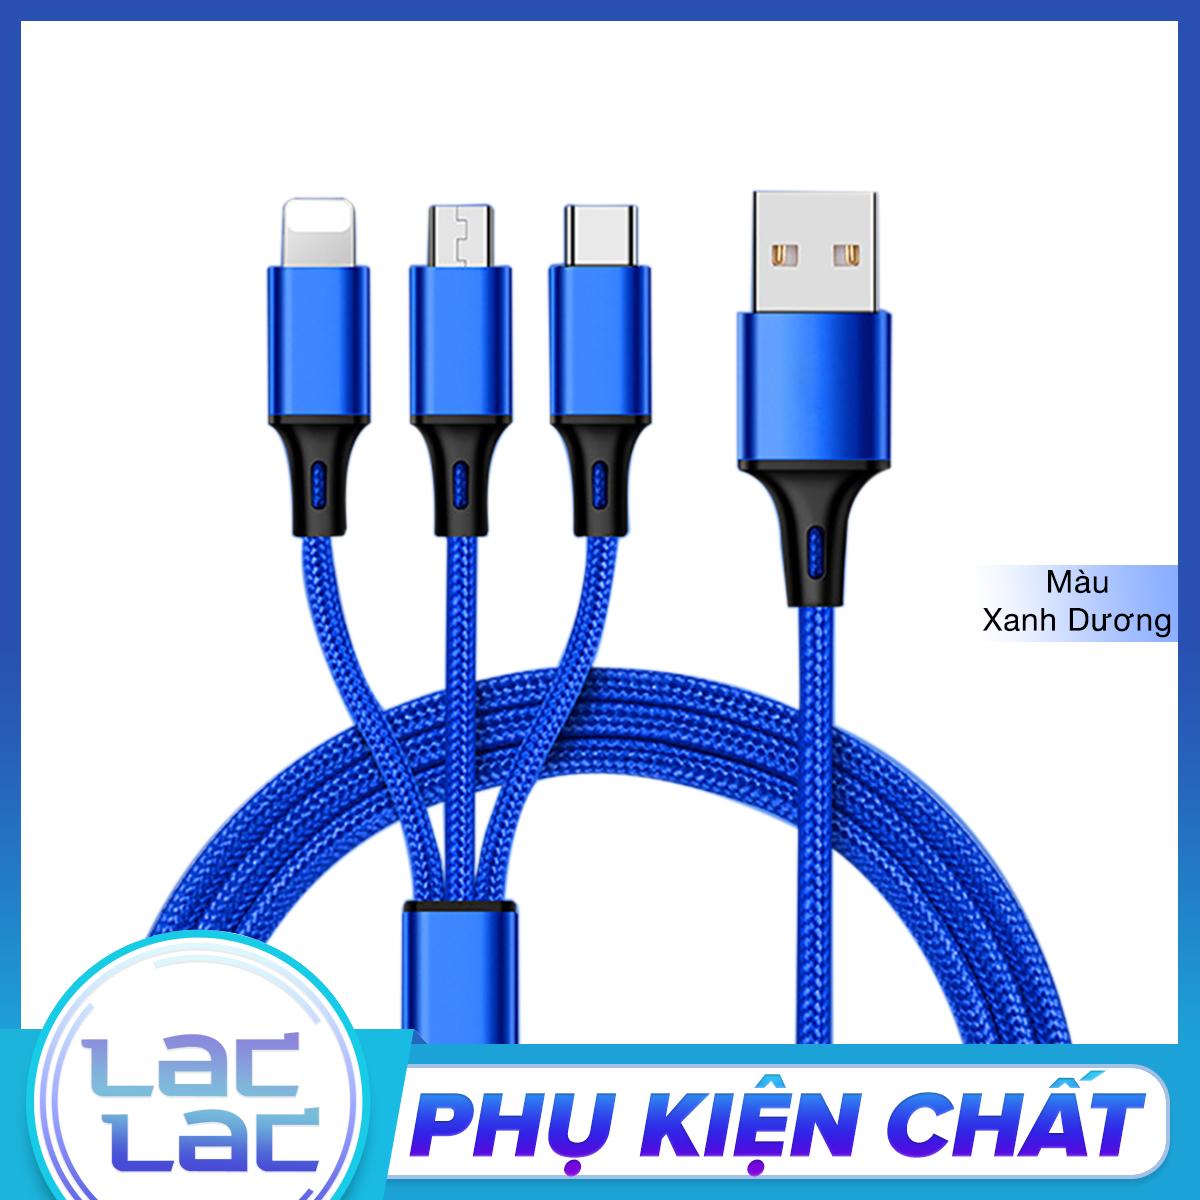 Cáp Sạc Bọc Dù 3 Đầu Đa Năng 3 in 1: Lightning – Micro USB – Type C, Sạc Ổn Định Hơn, An Toàn Hơn cho iPhone/iPad, Samsung, Xiaomi, Huaweii,…